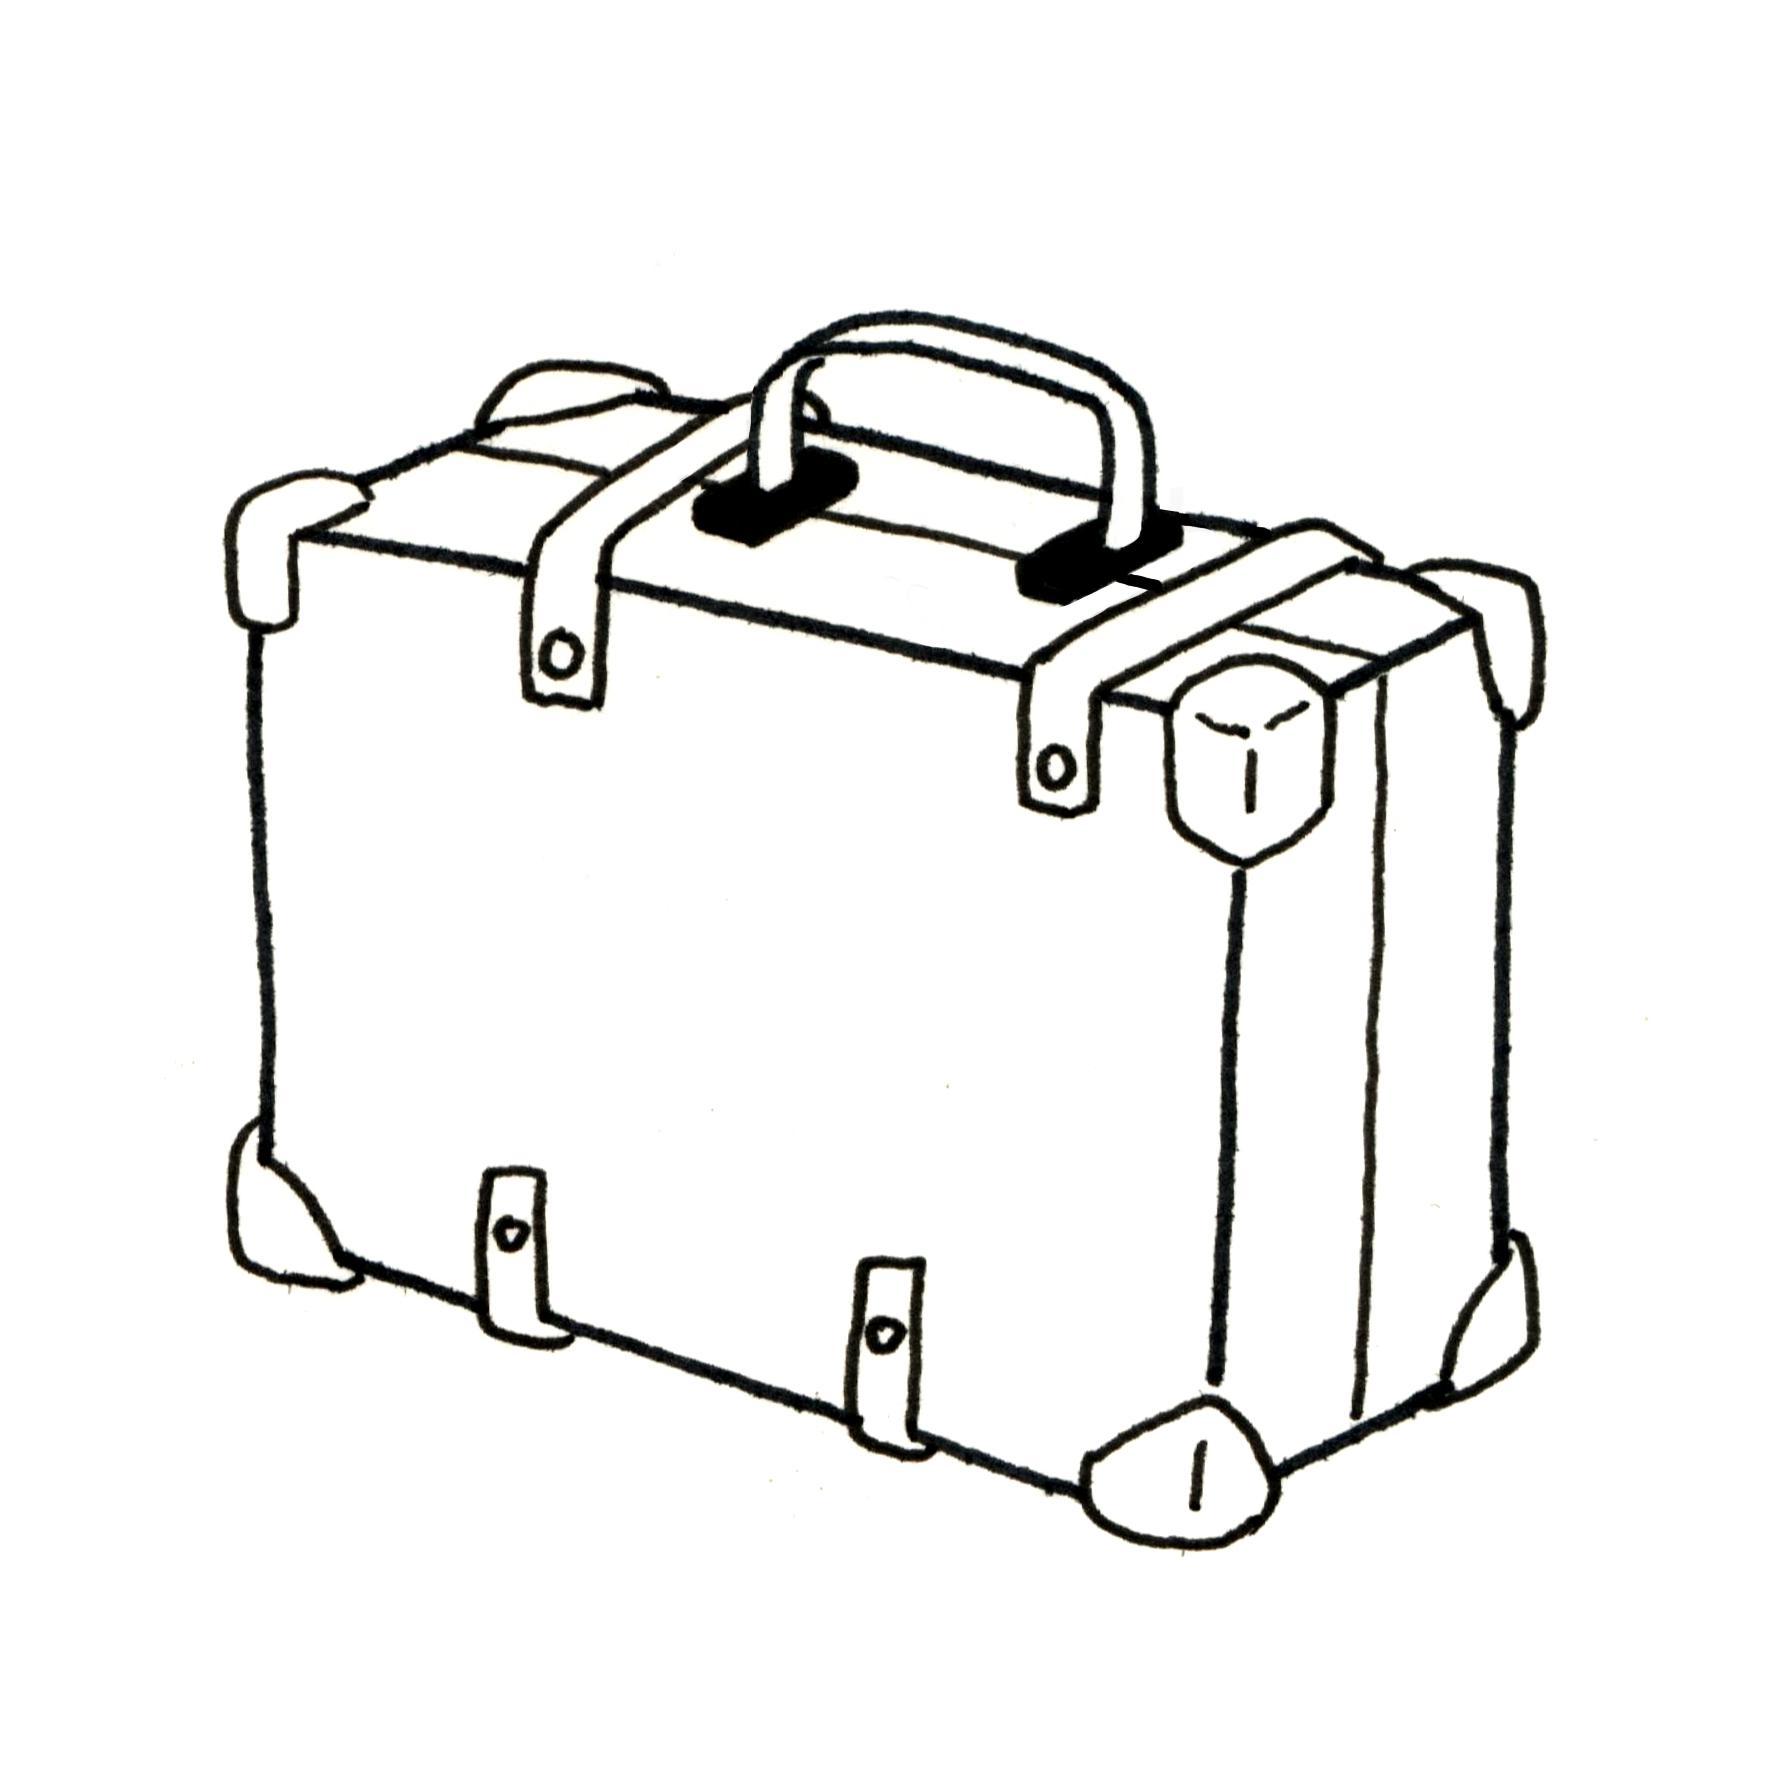 Ressources ducatives libres les - Dessin de valise ...